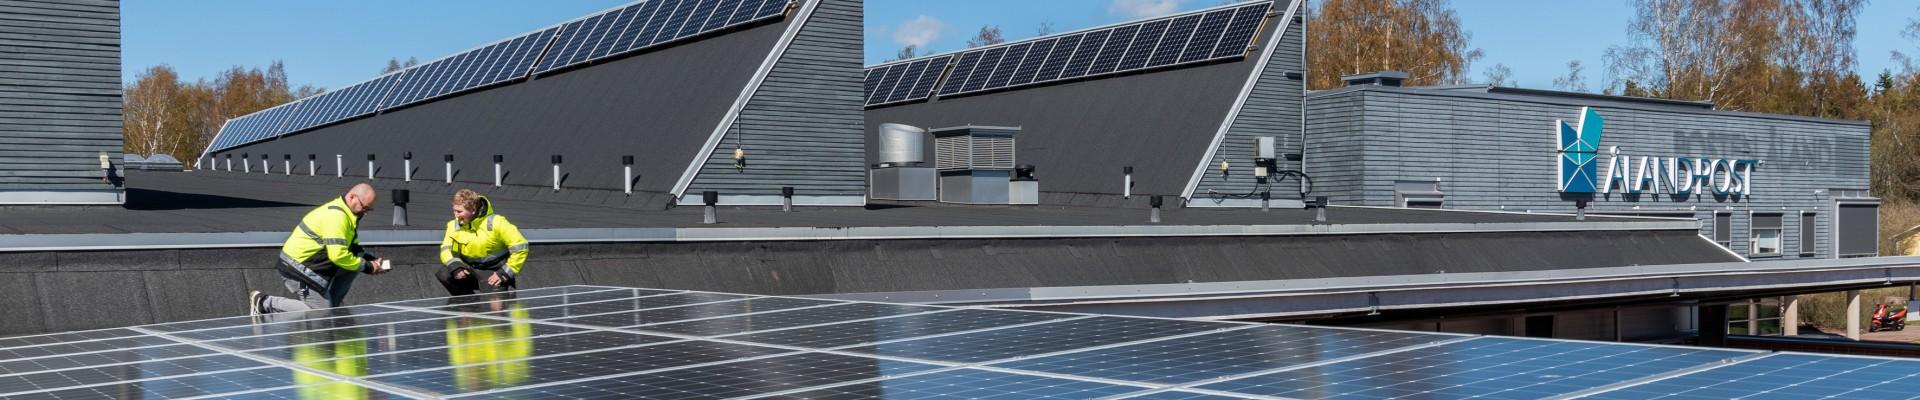 Åland Post solcellsanläggning